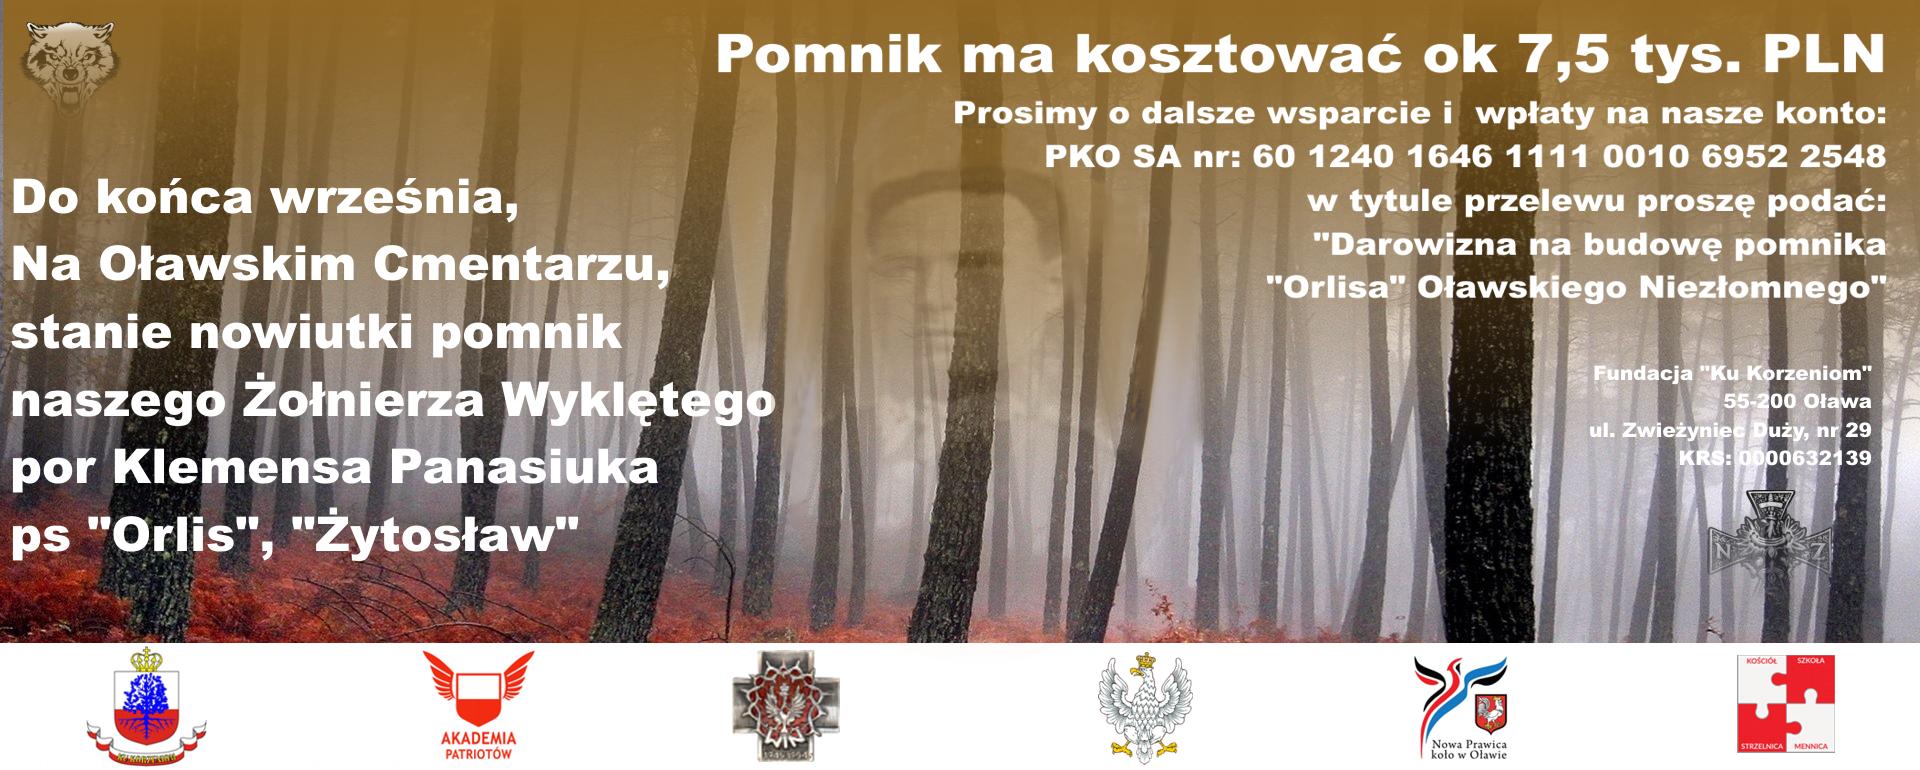 Ratują zapomniany grób Żołnierza Wyklętego w Oławie